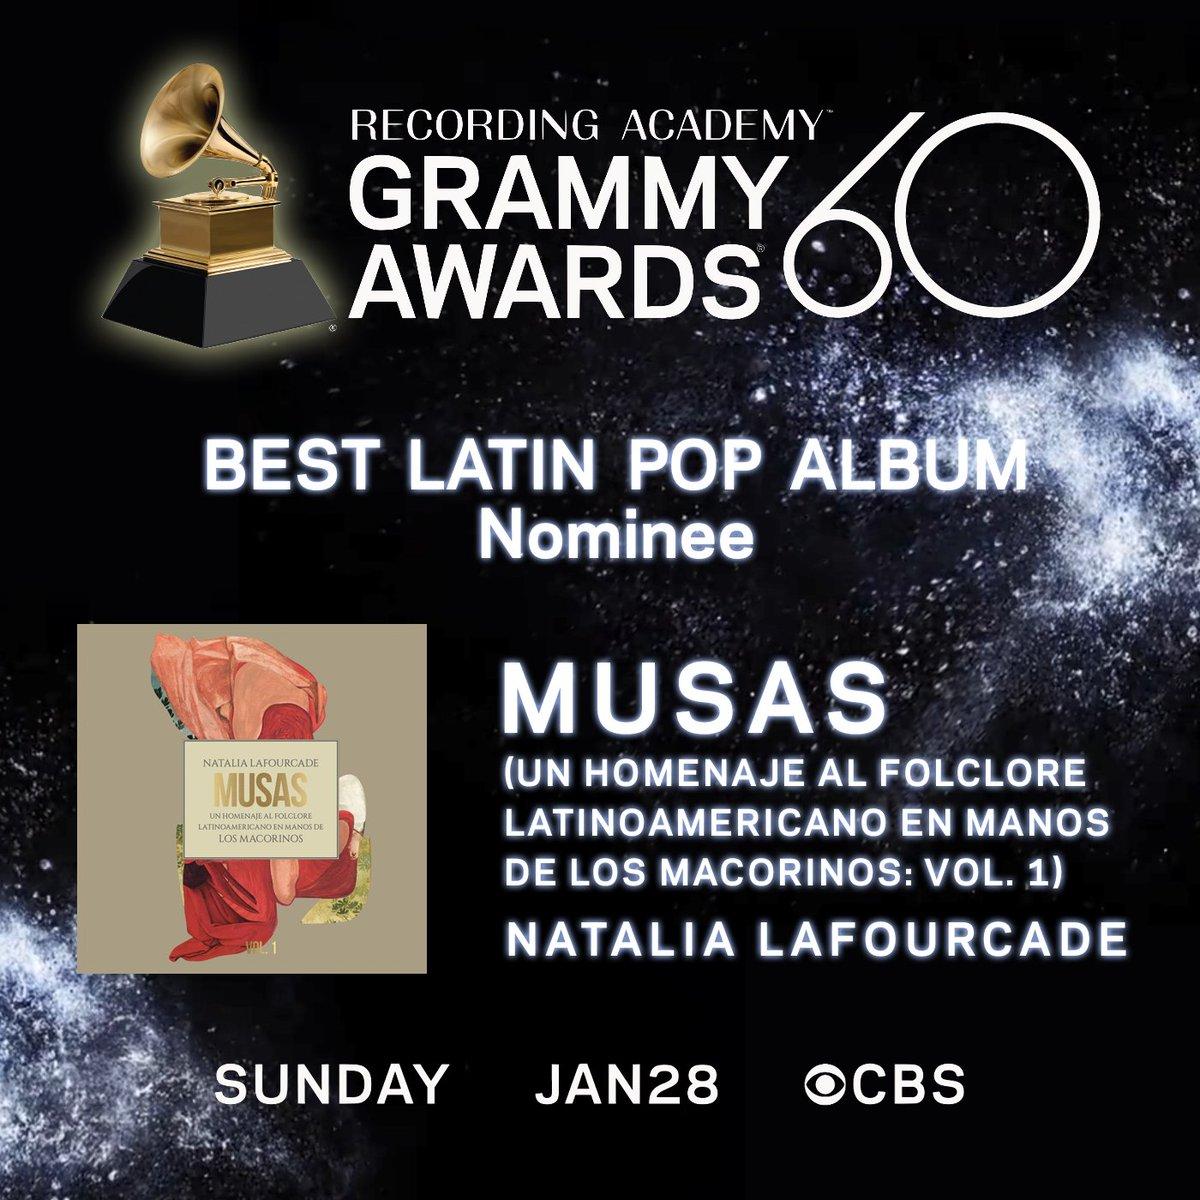 NL Musas 1 Grammy 2018